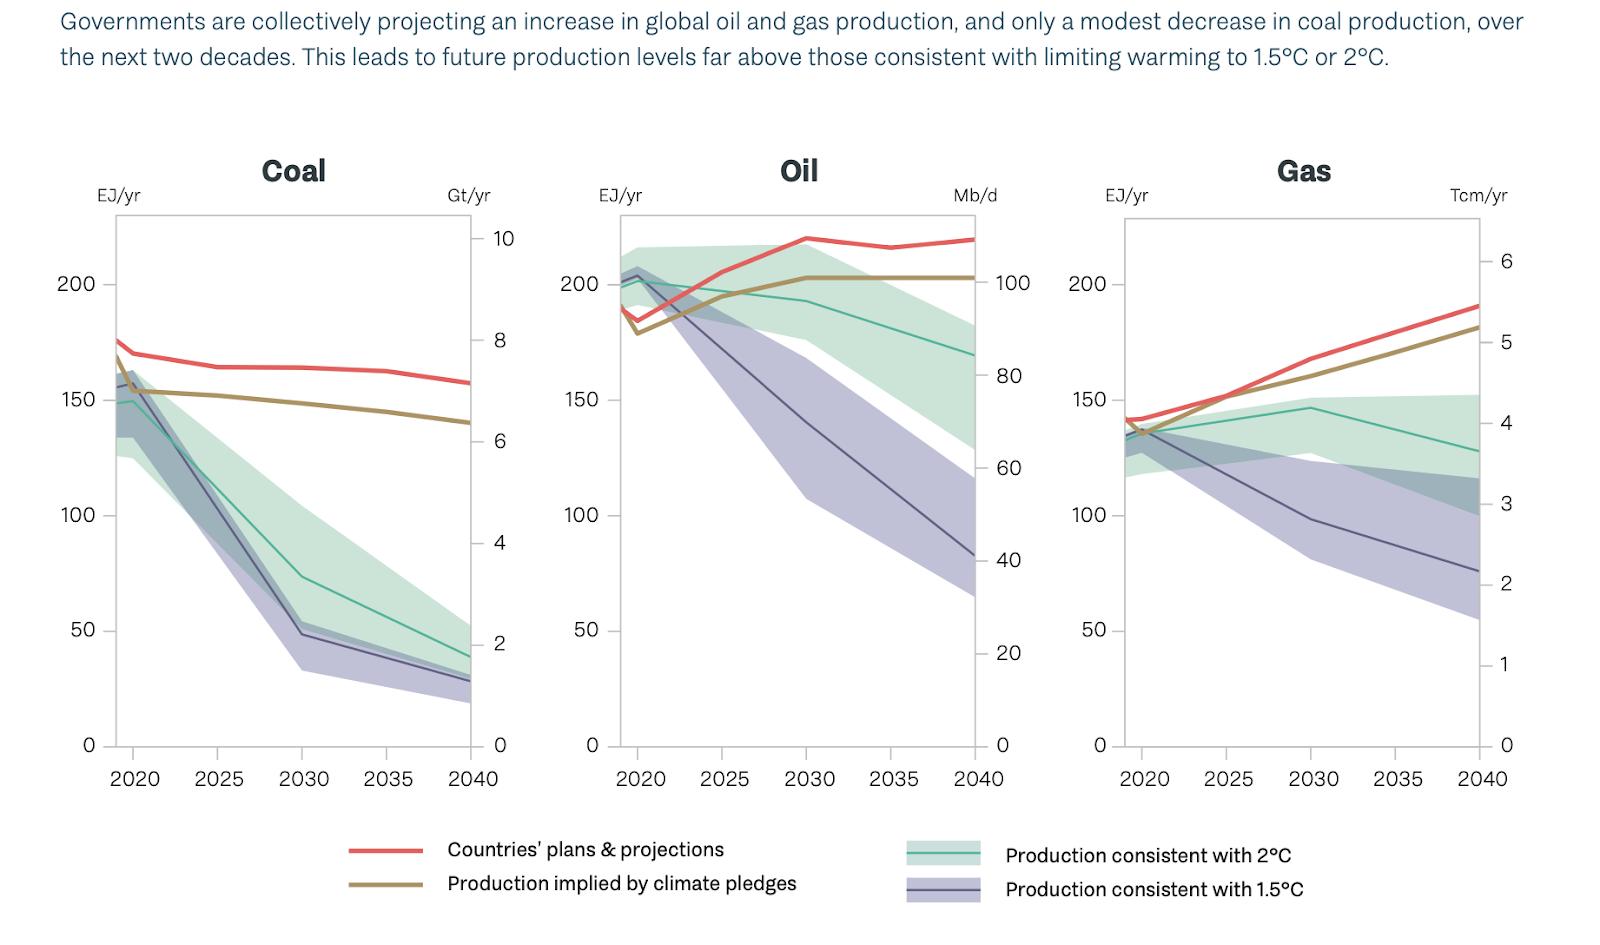 联合国报告:各国化石燃料生产与1.5°C温控目标严重脱节